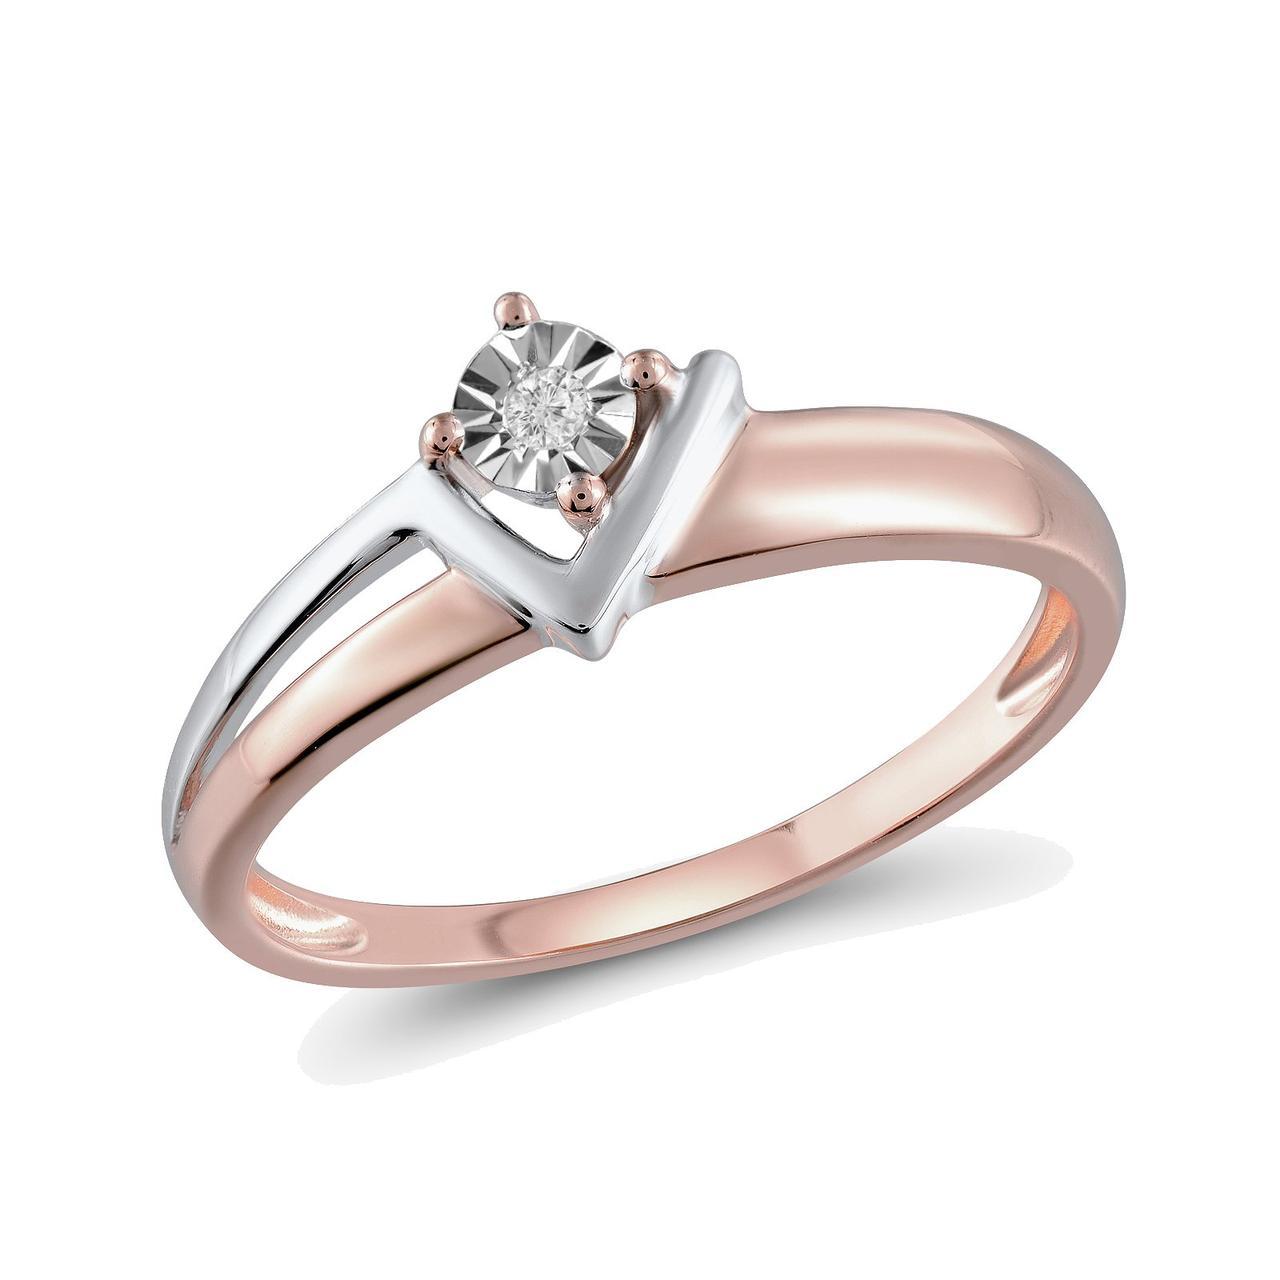 Золотое кольцо с бриллиантом, размер 17 (348592)